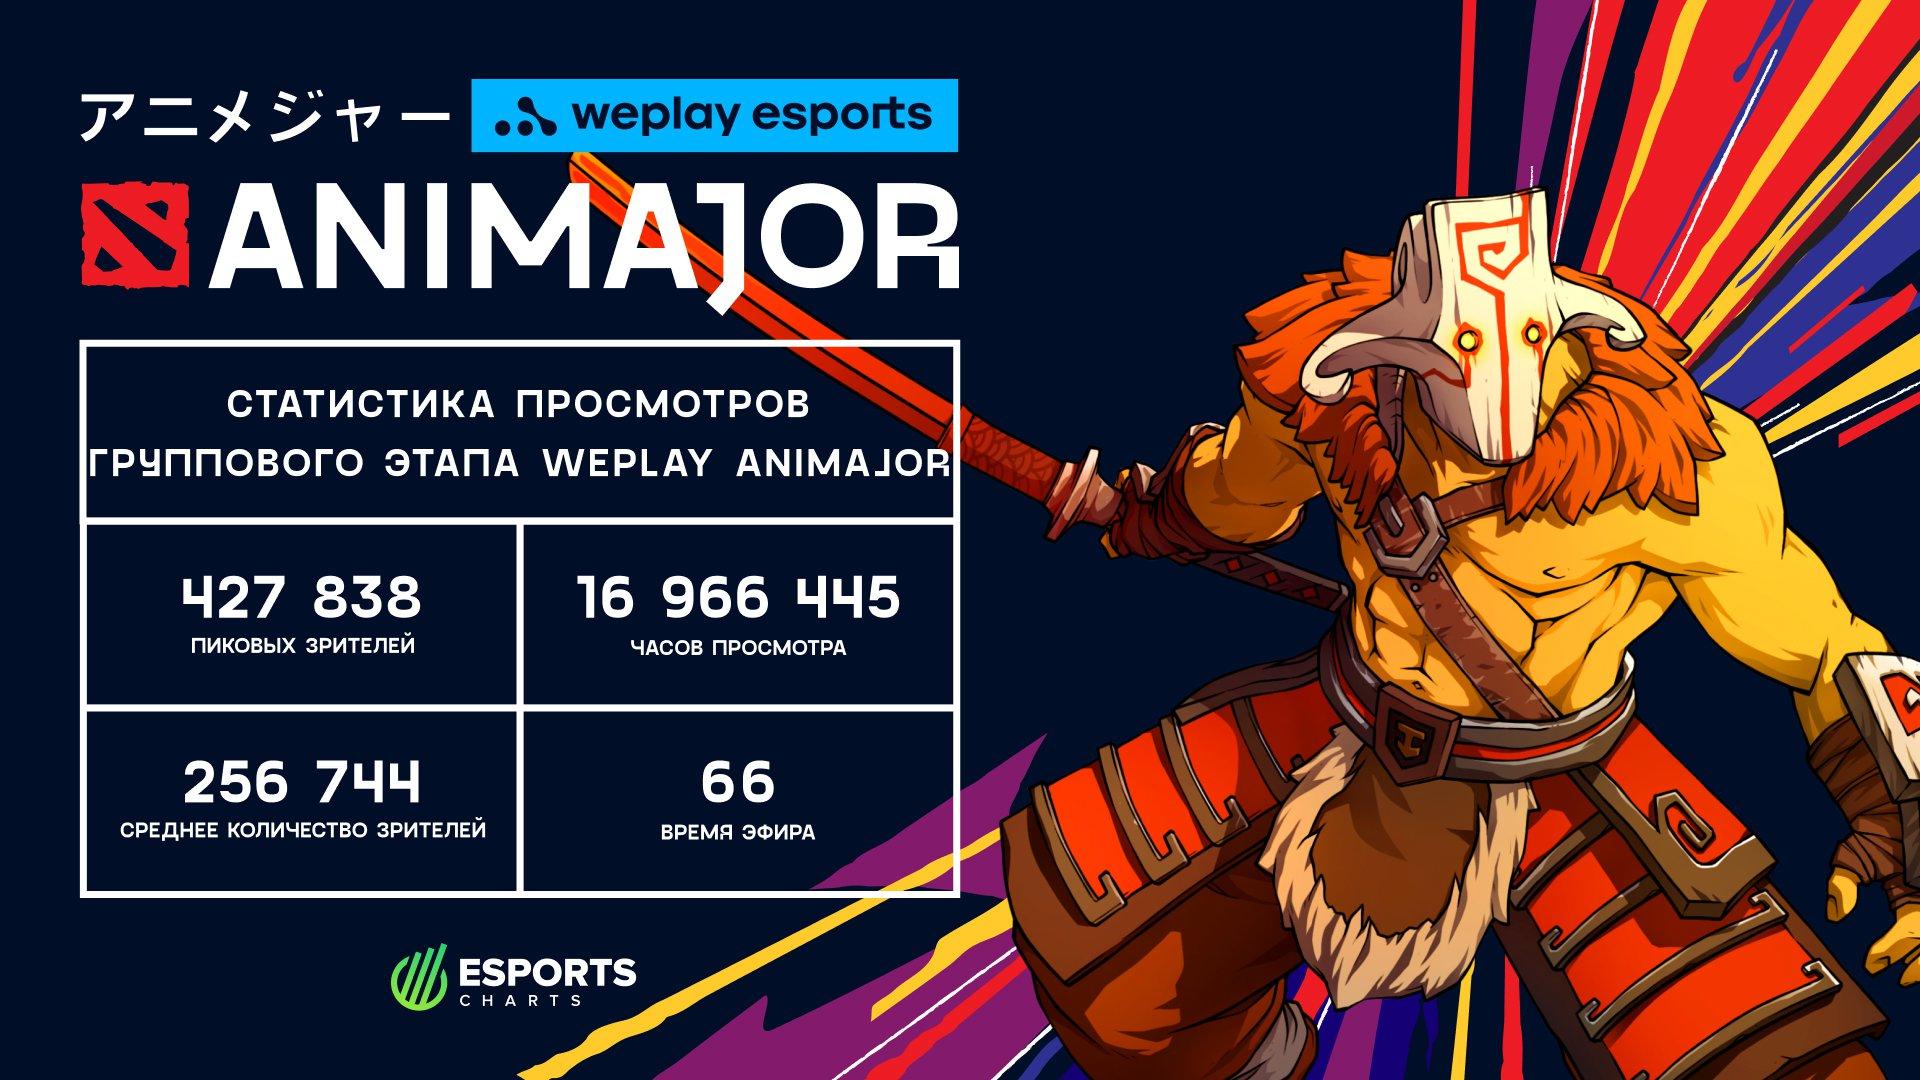 Статистика просмотров группового этапа WePlay AniMajor. Изображение: WePlay Esports